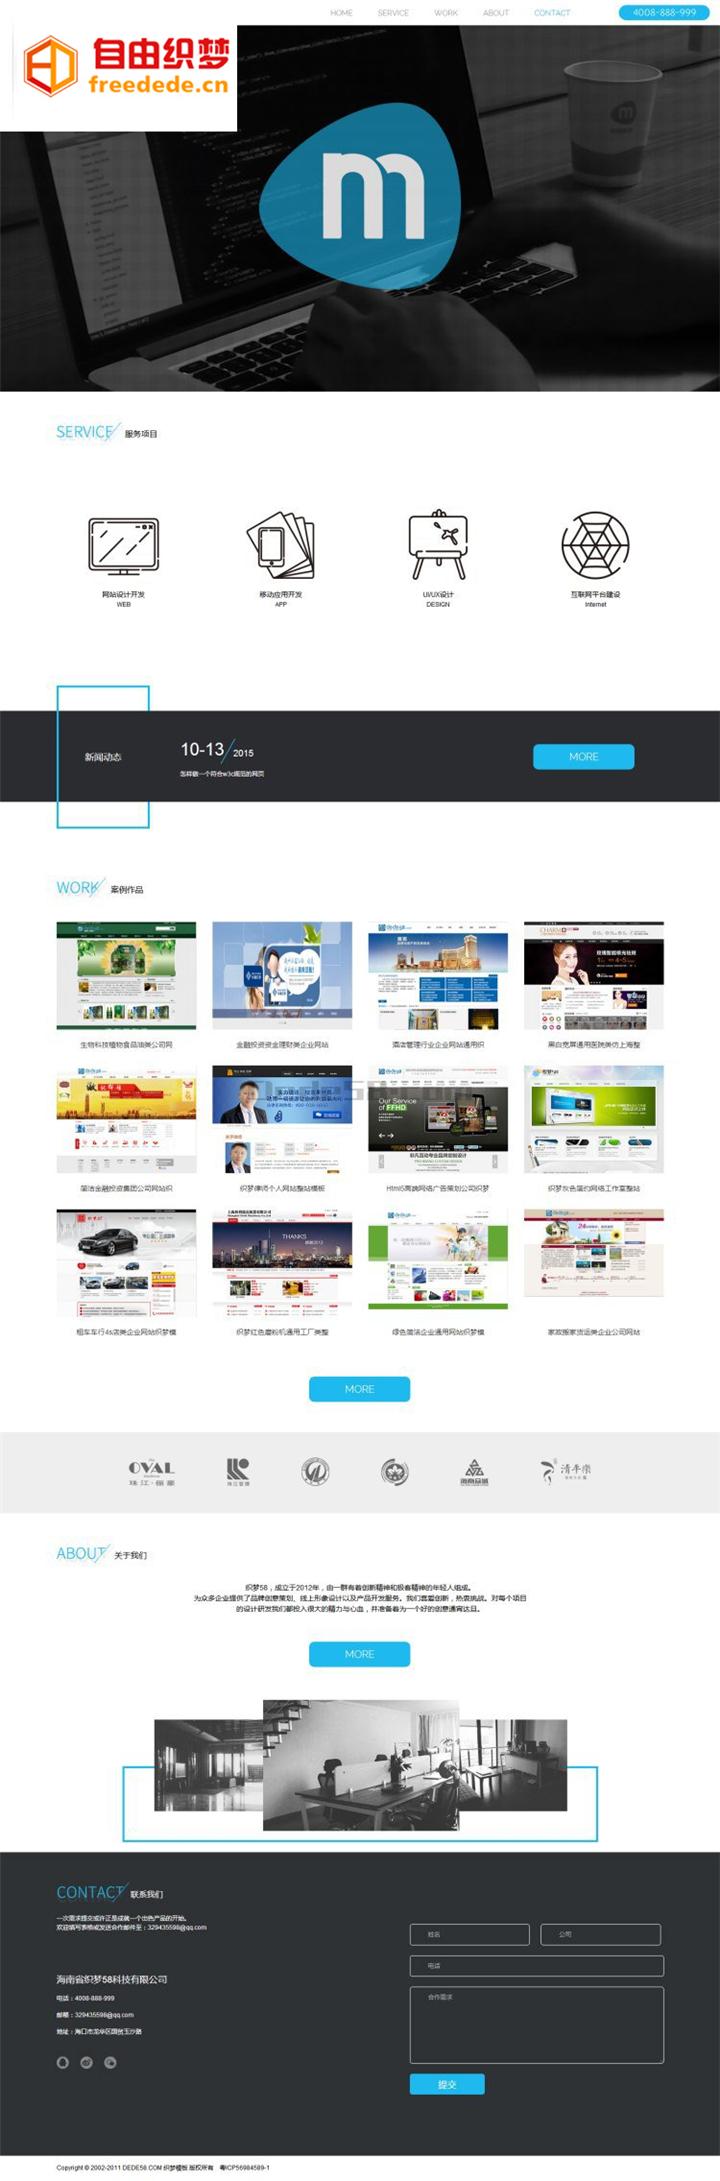 爱上源码网文章html5高端网络建站设计工作室网站织梦模板营销型整站源码下载的内容插图